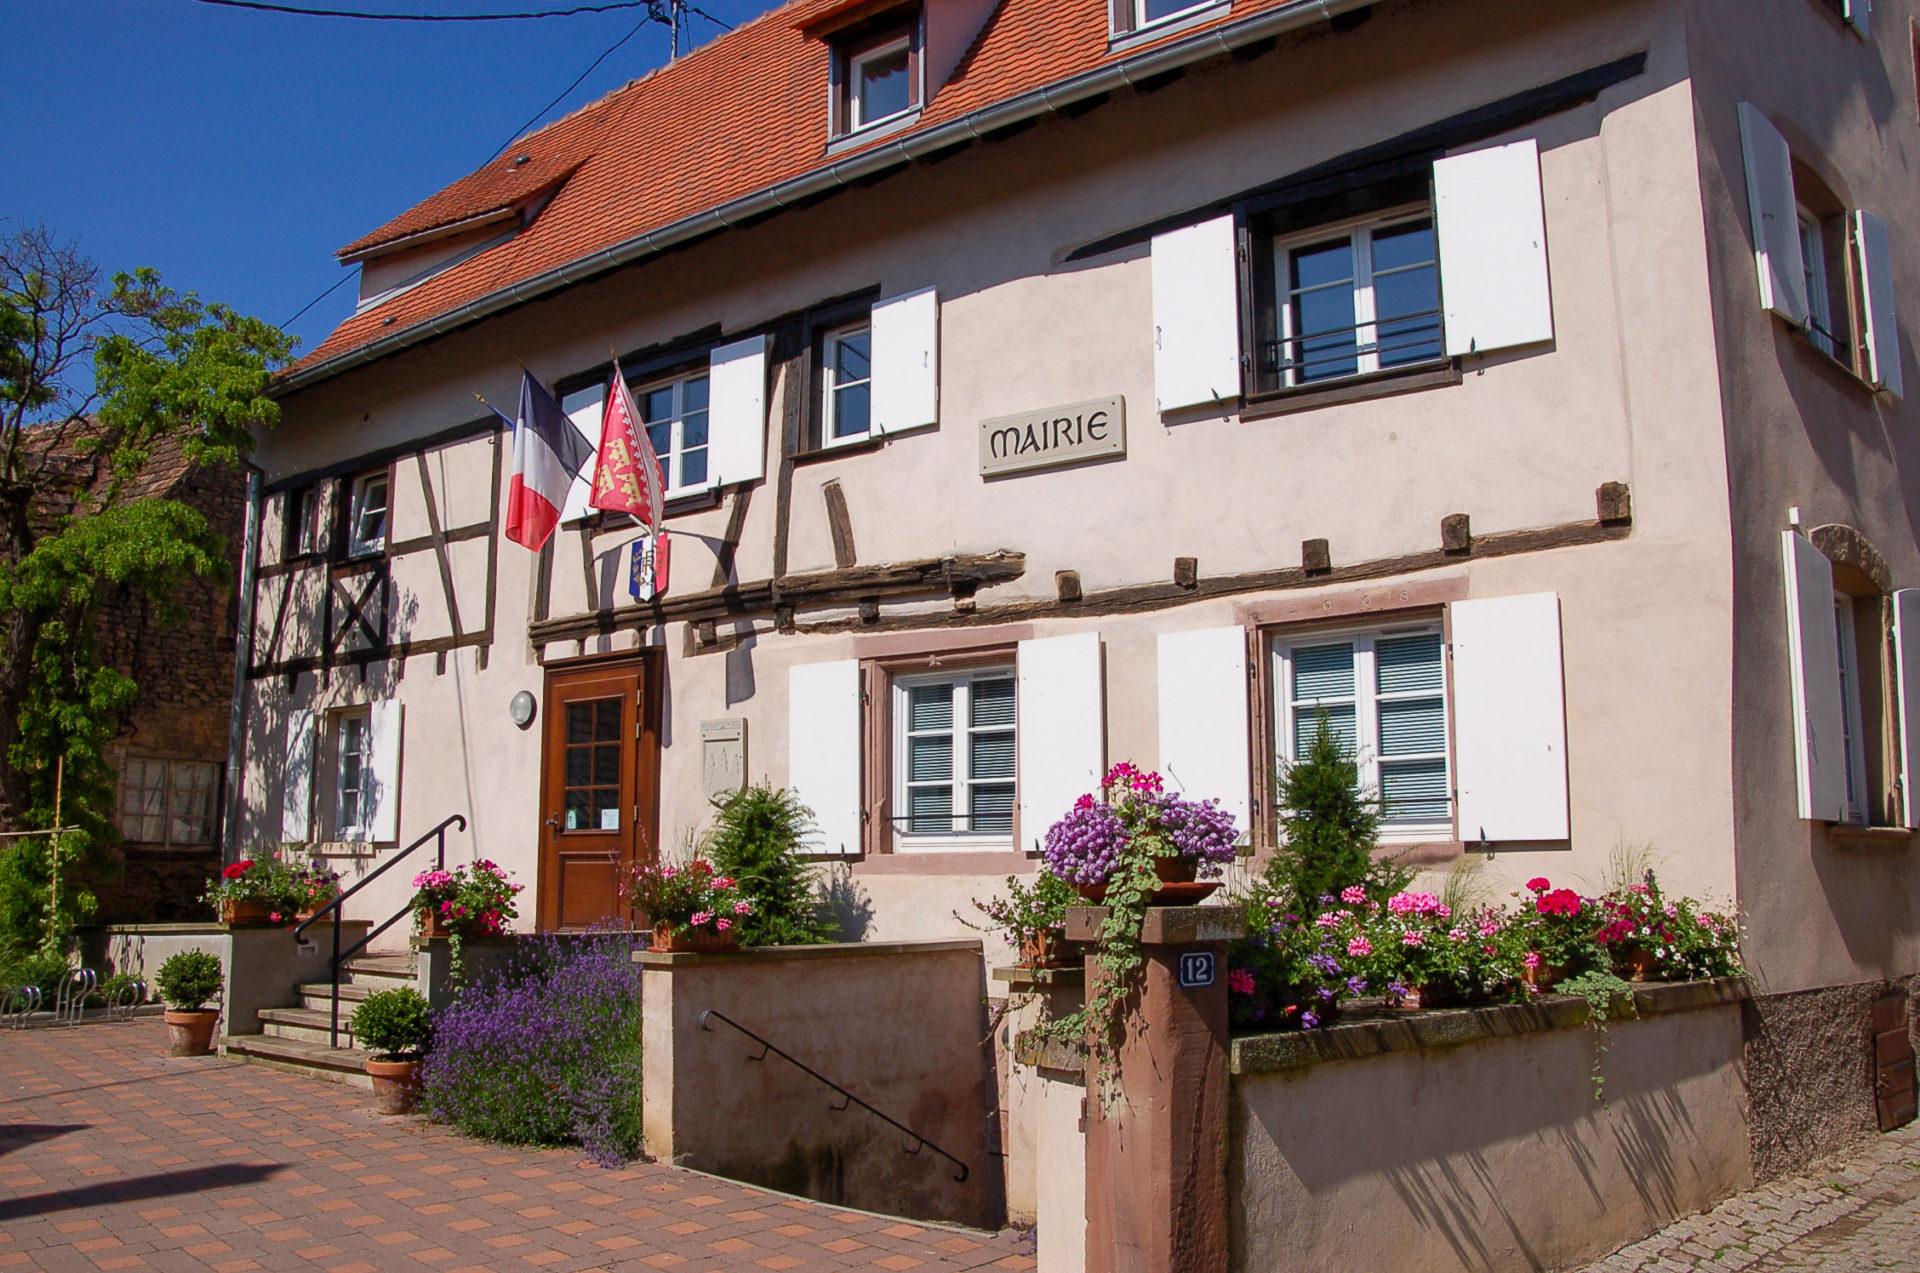 Ein kleines Rathaus in Katzenthal im Elsass